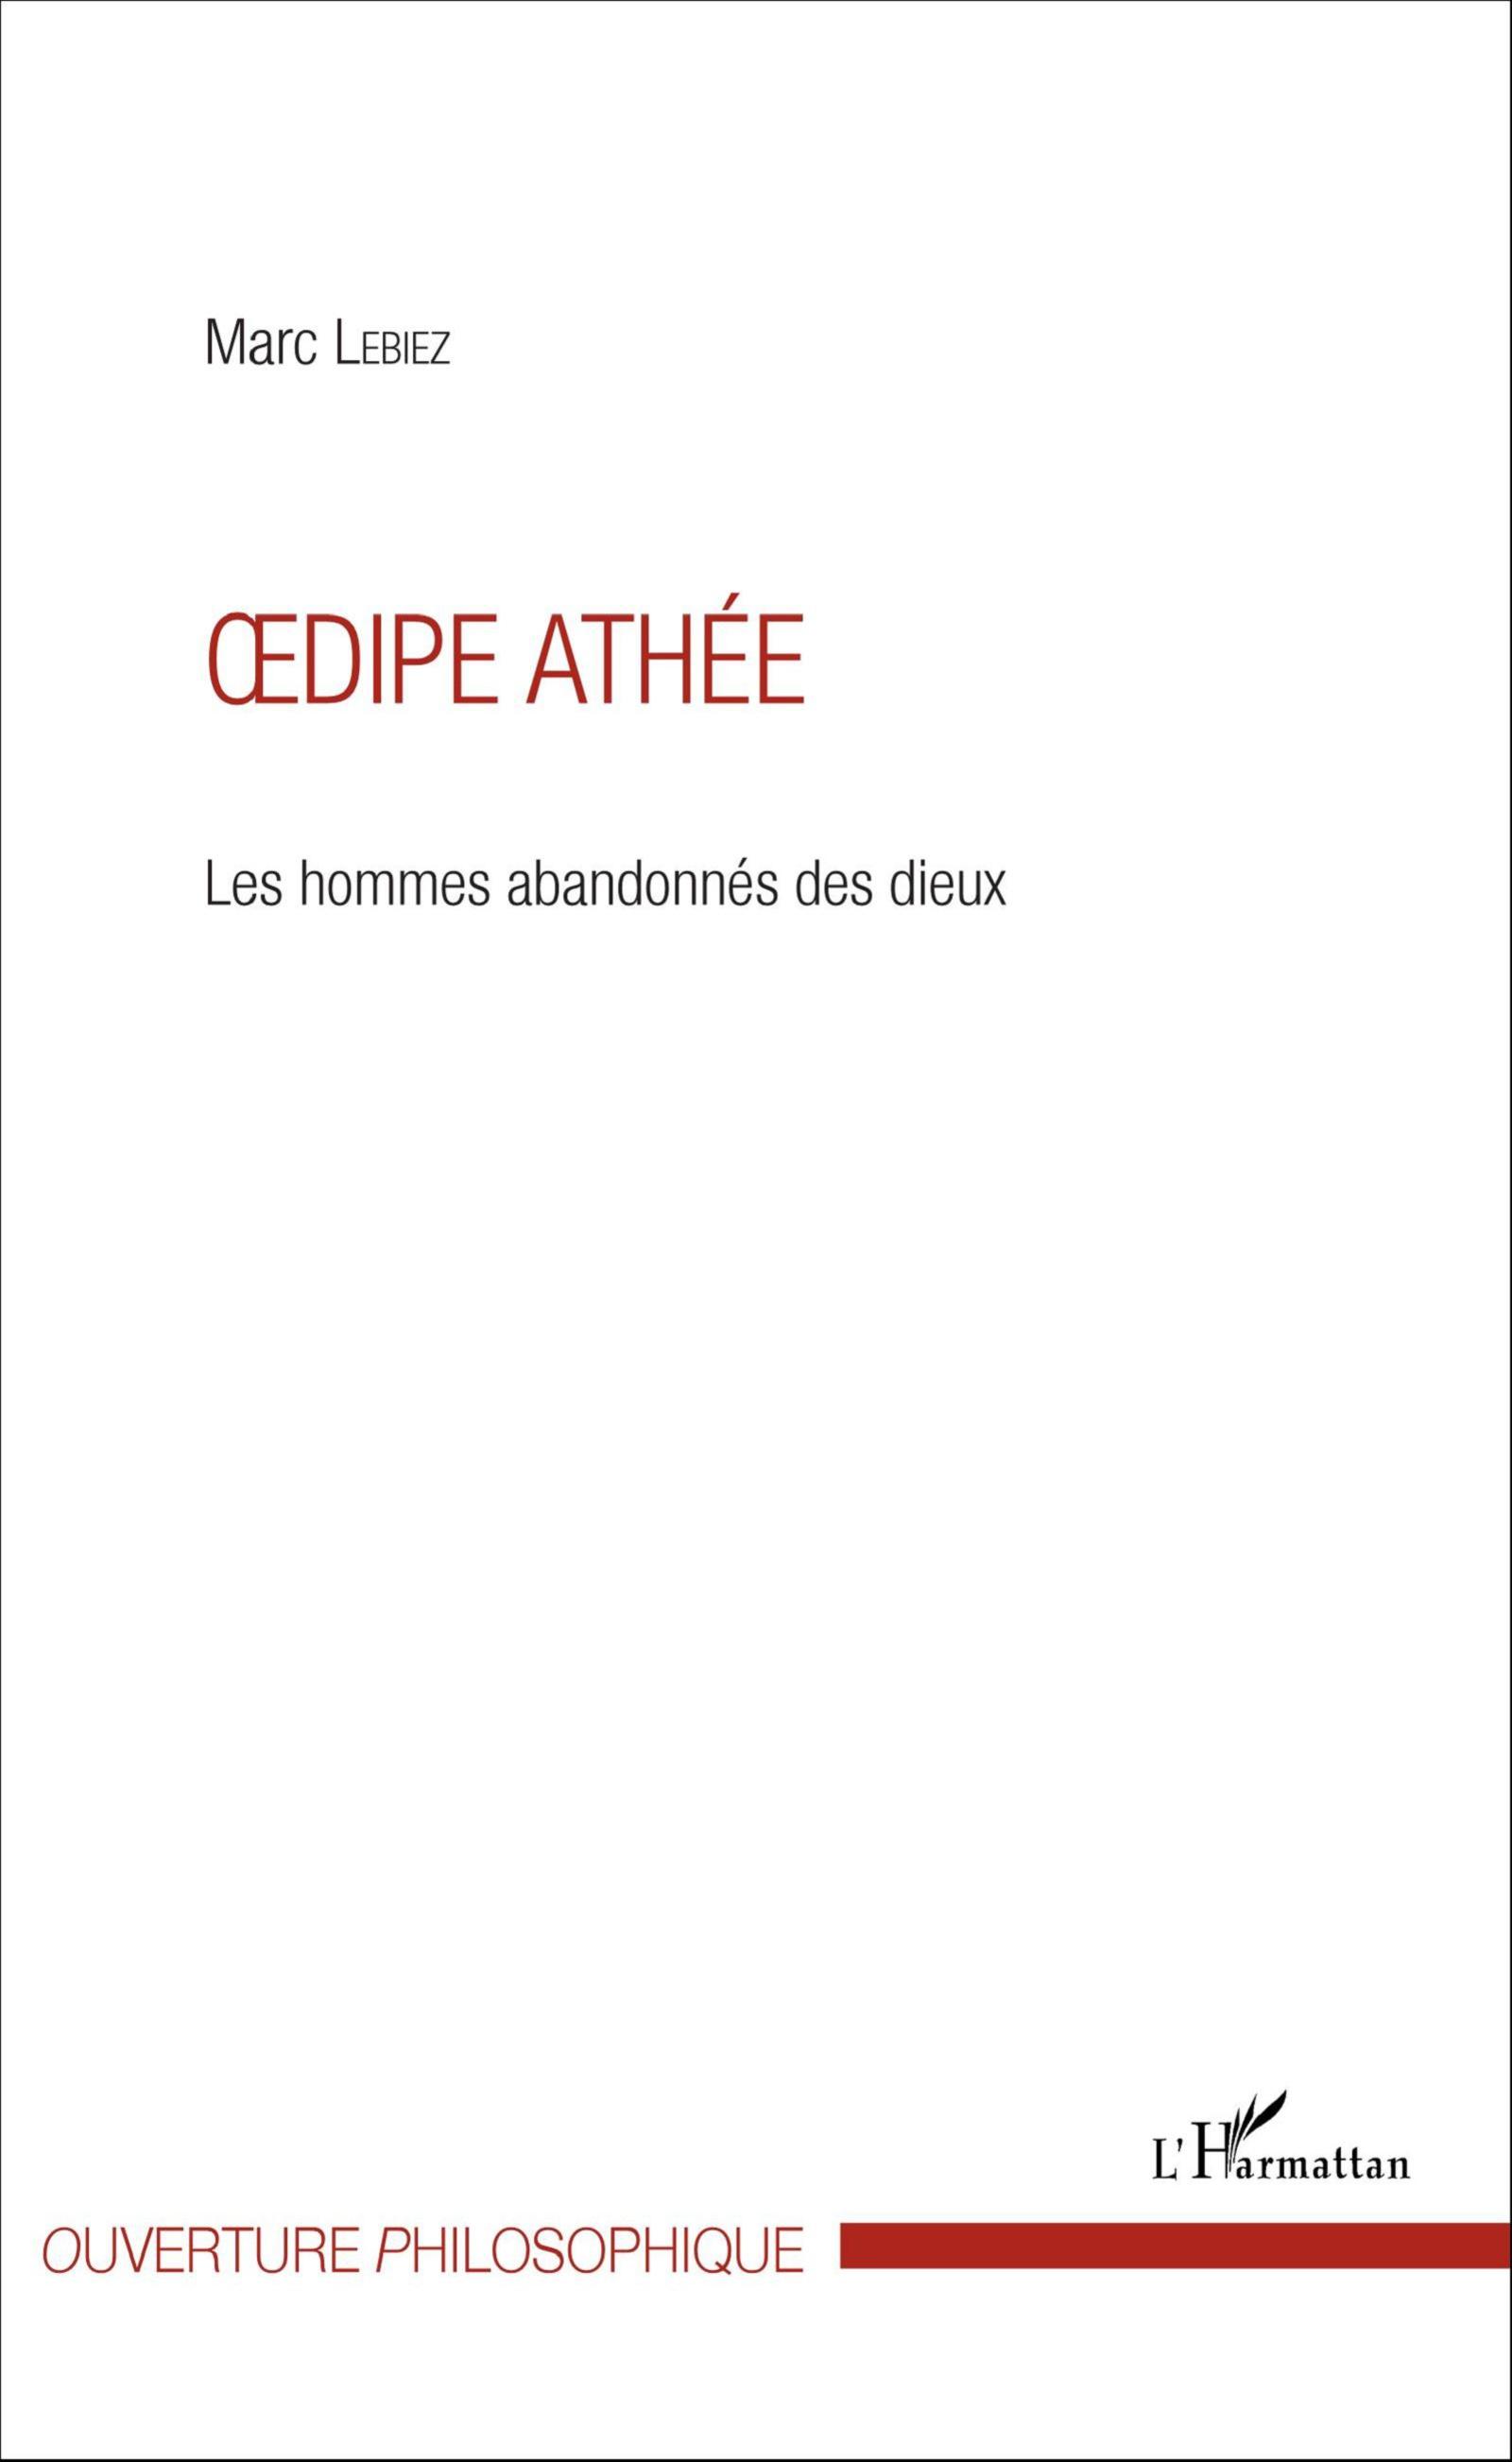 M. Lebiez, Œdipe athée : Les hommes abandonnées des dieux